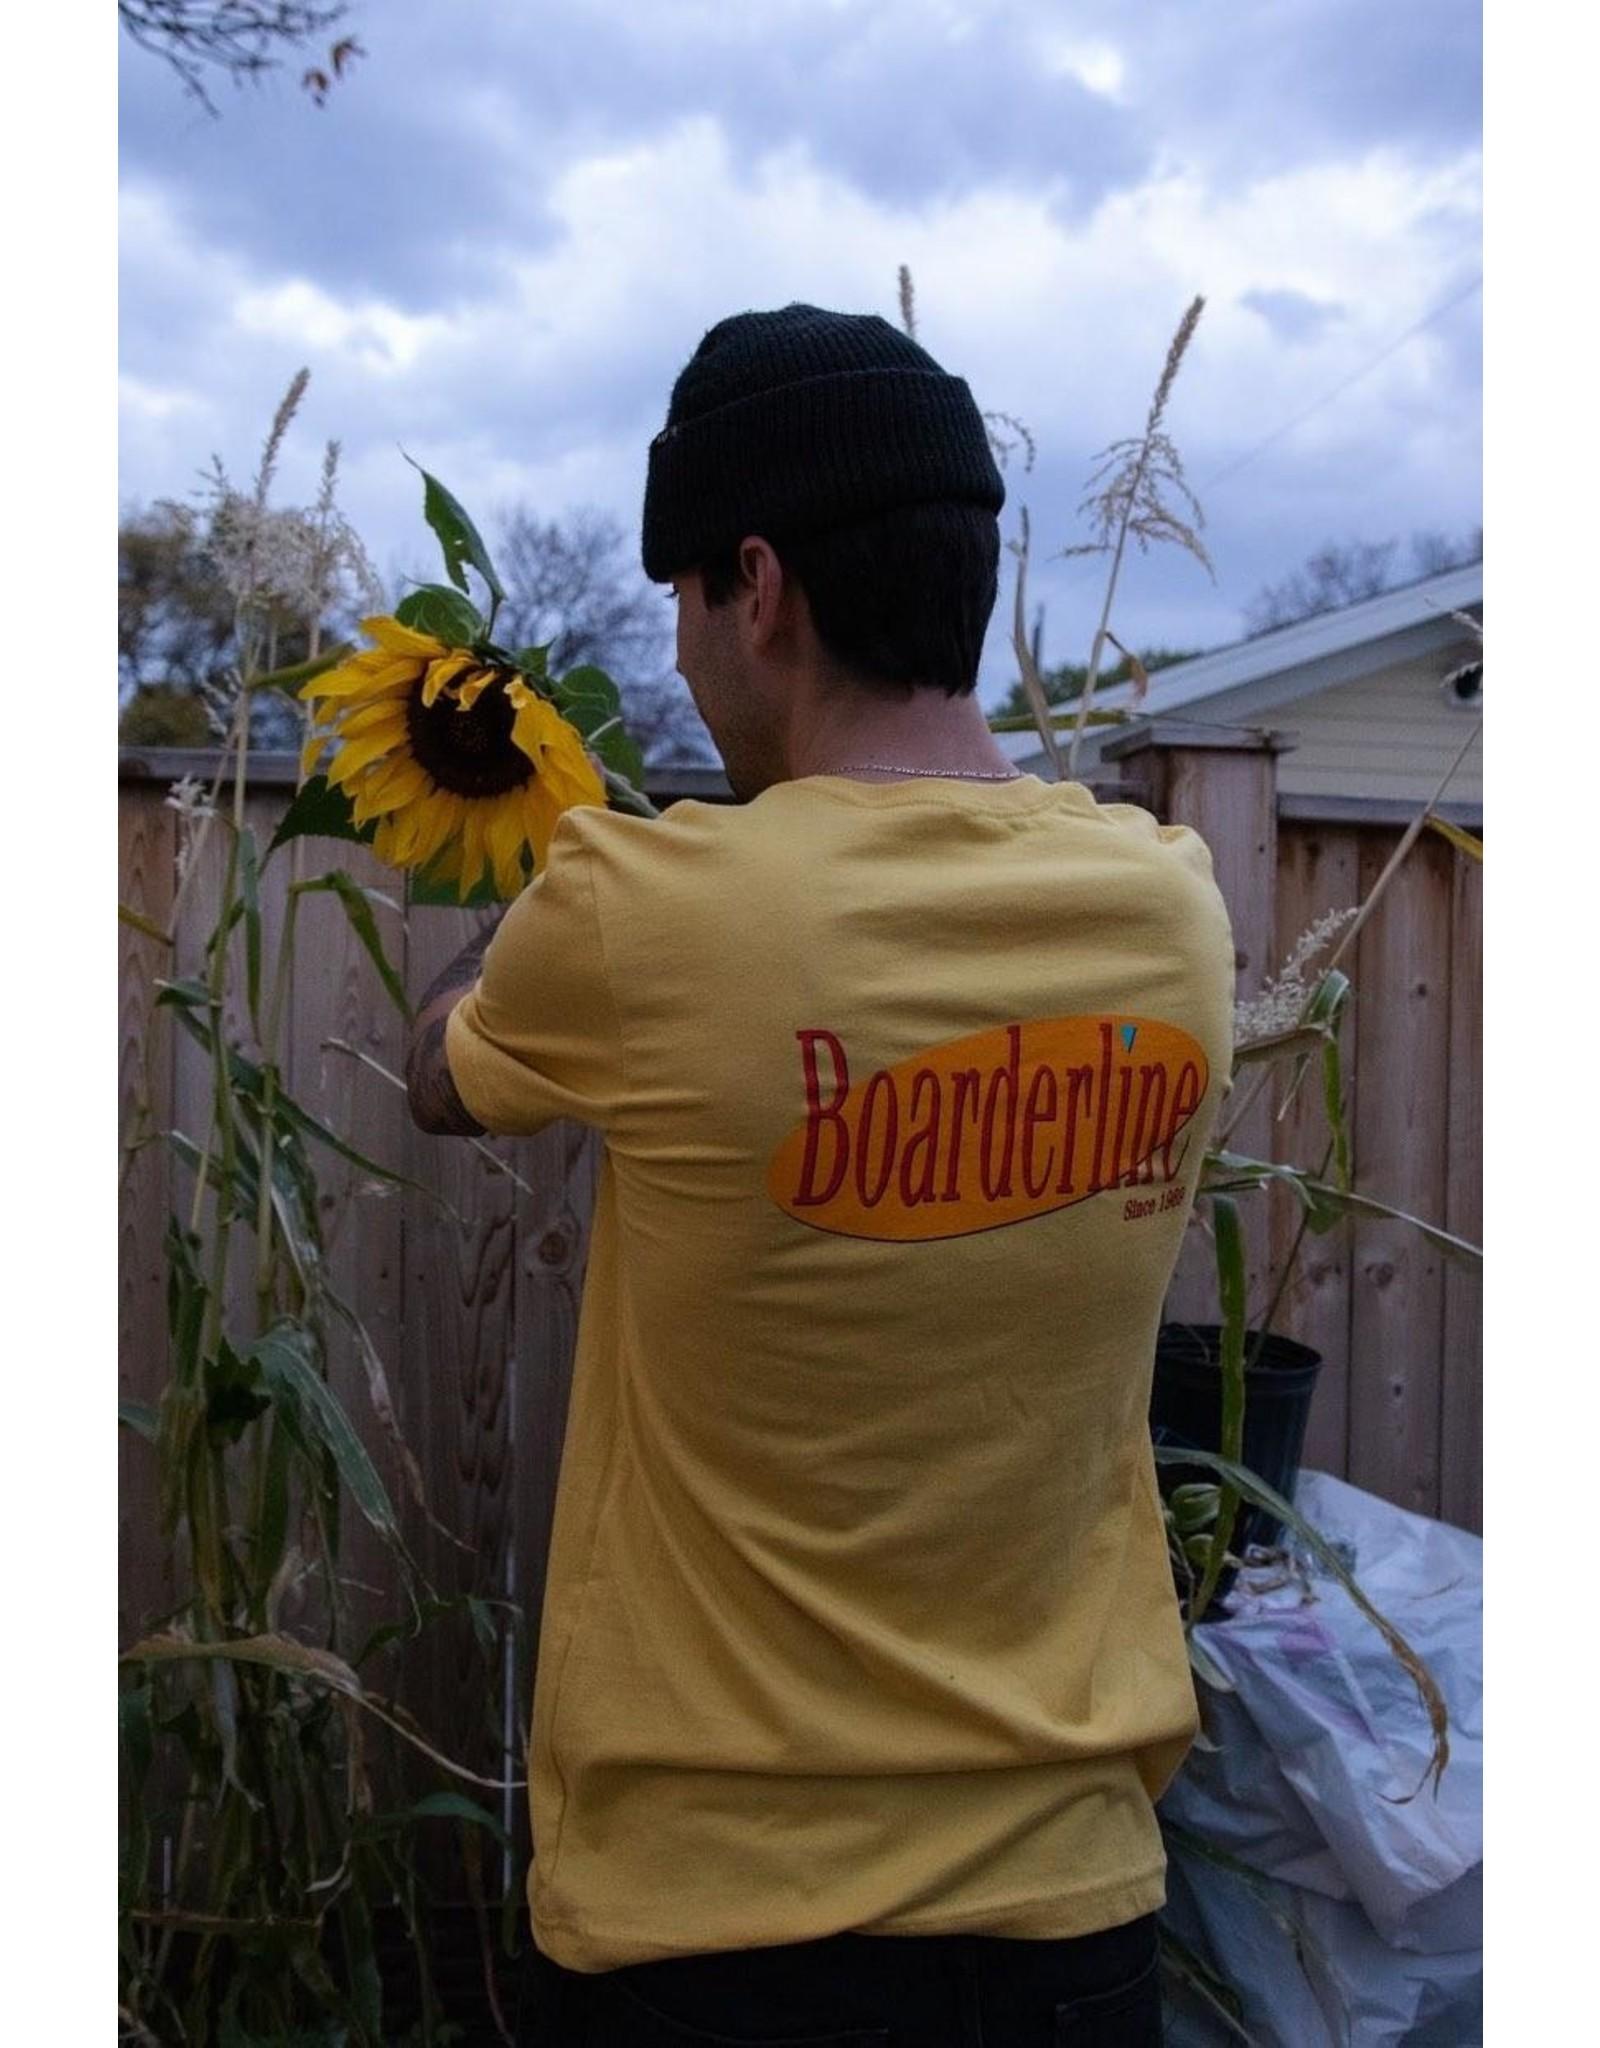 BOARDERLINE - SEINFELD TEE - YELLOW -